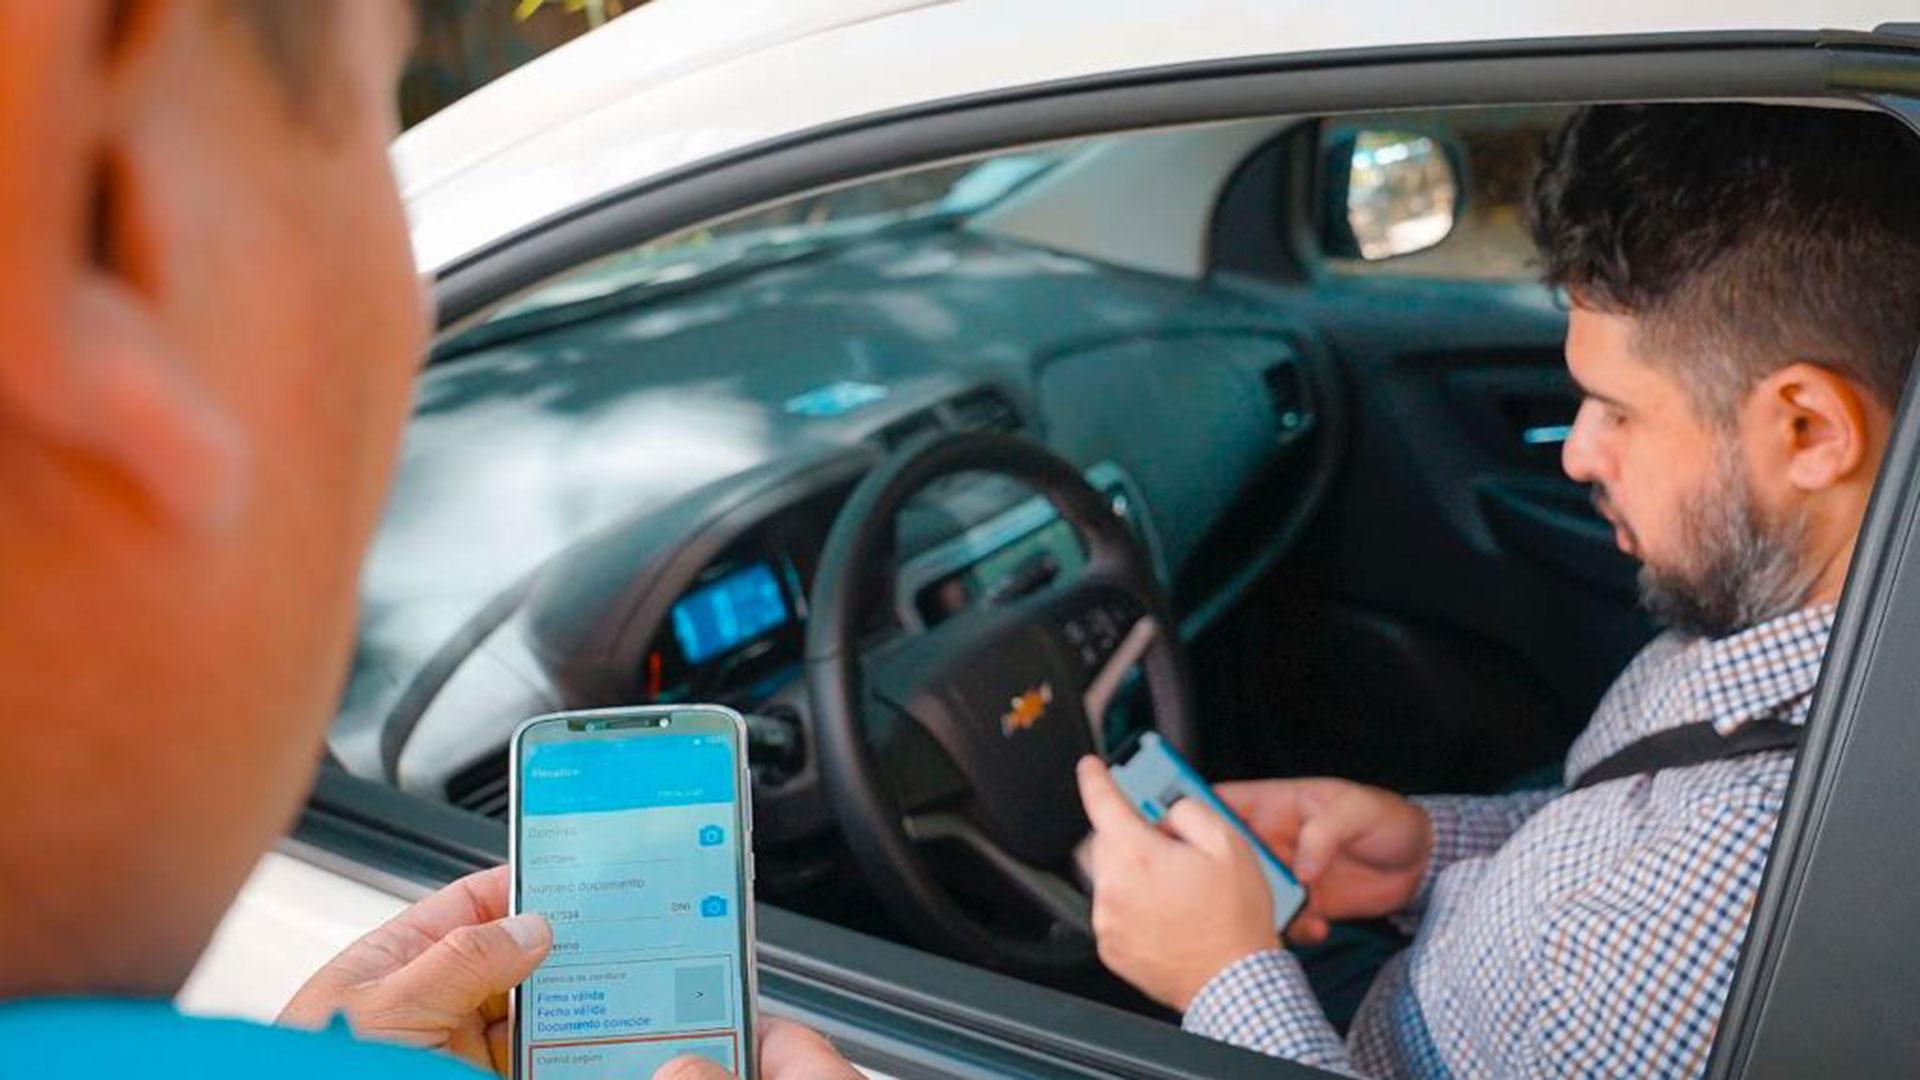 La licencia de conducir digital se podrá presentar en los controles de tránsito